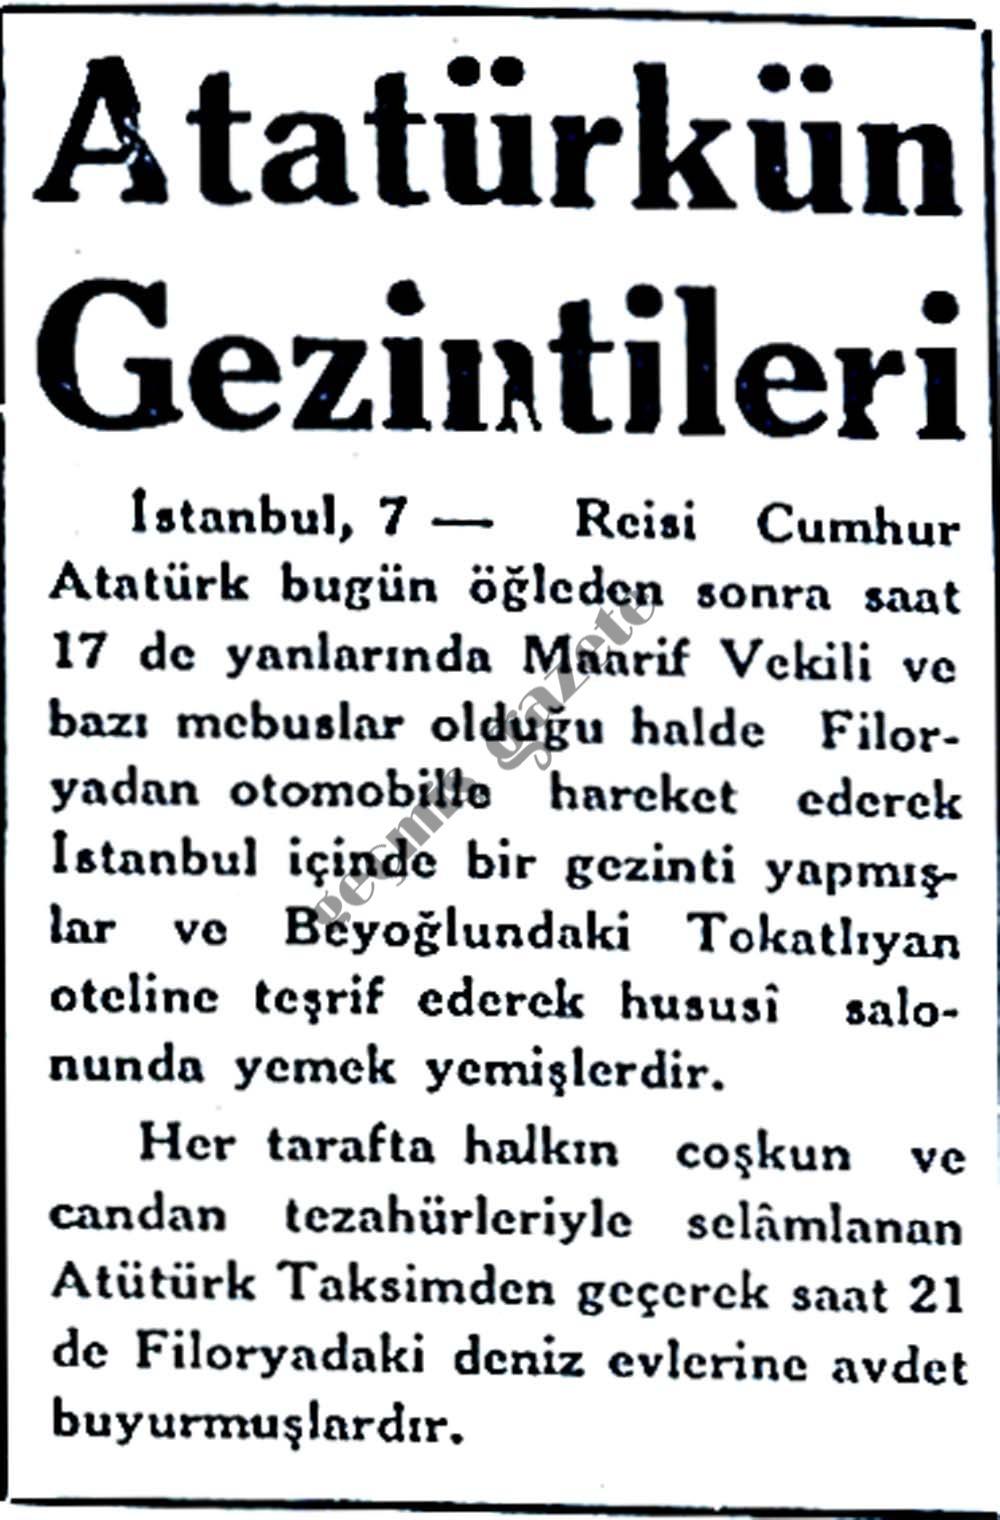 Atatürk'ün Gezintileri